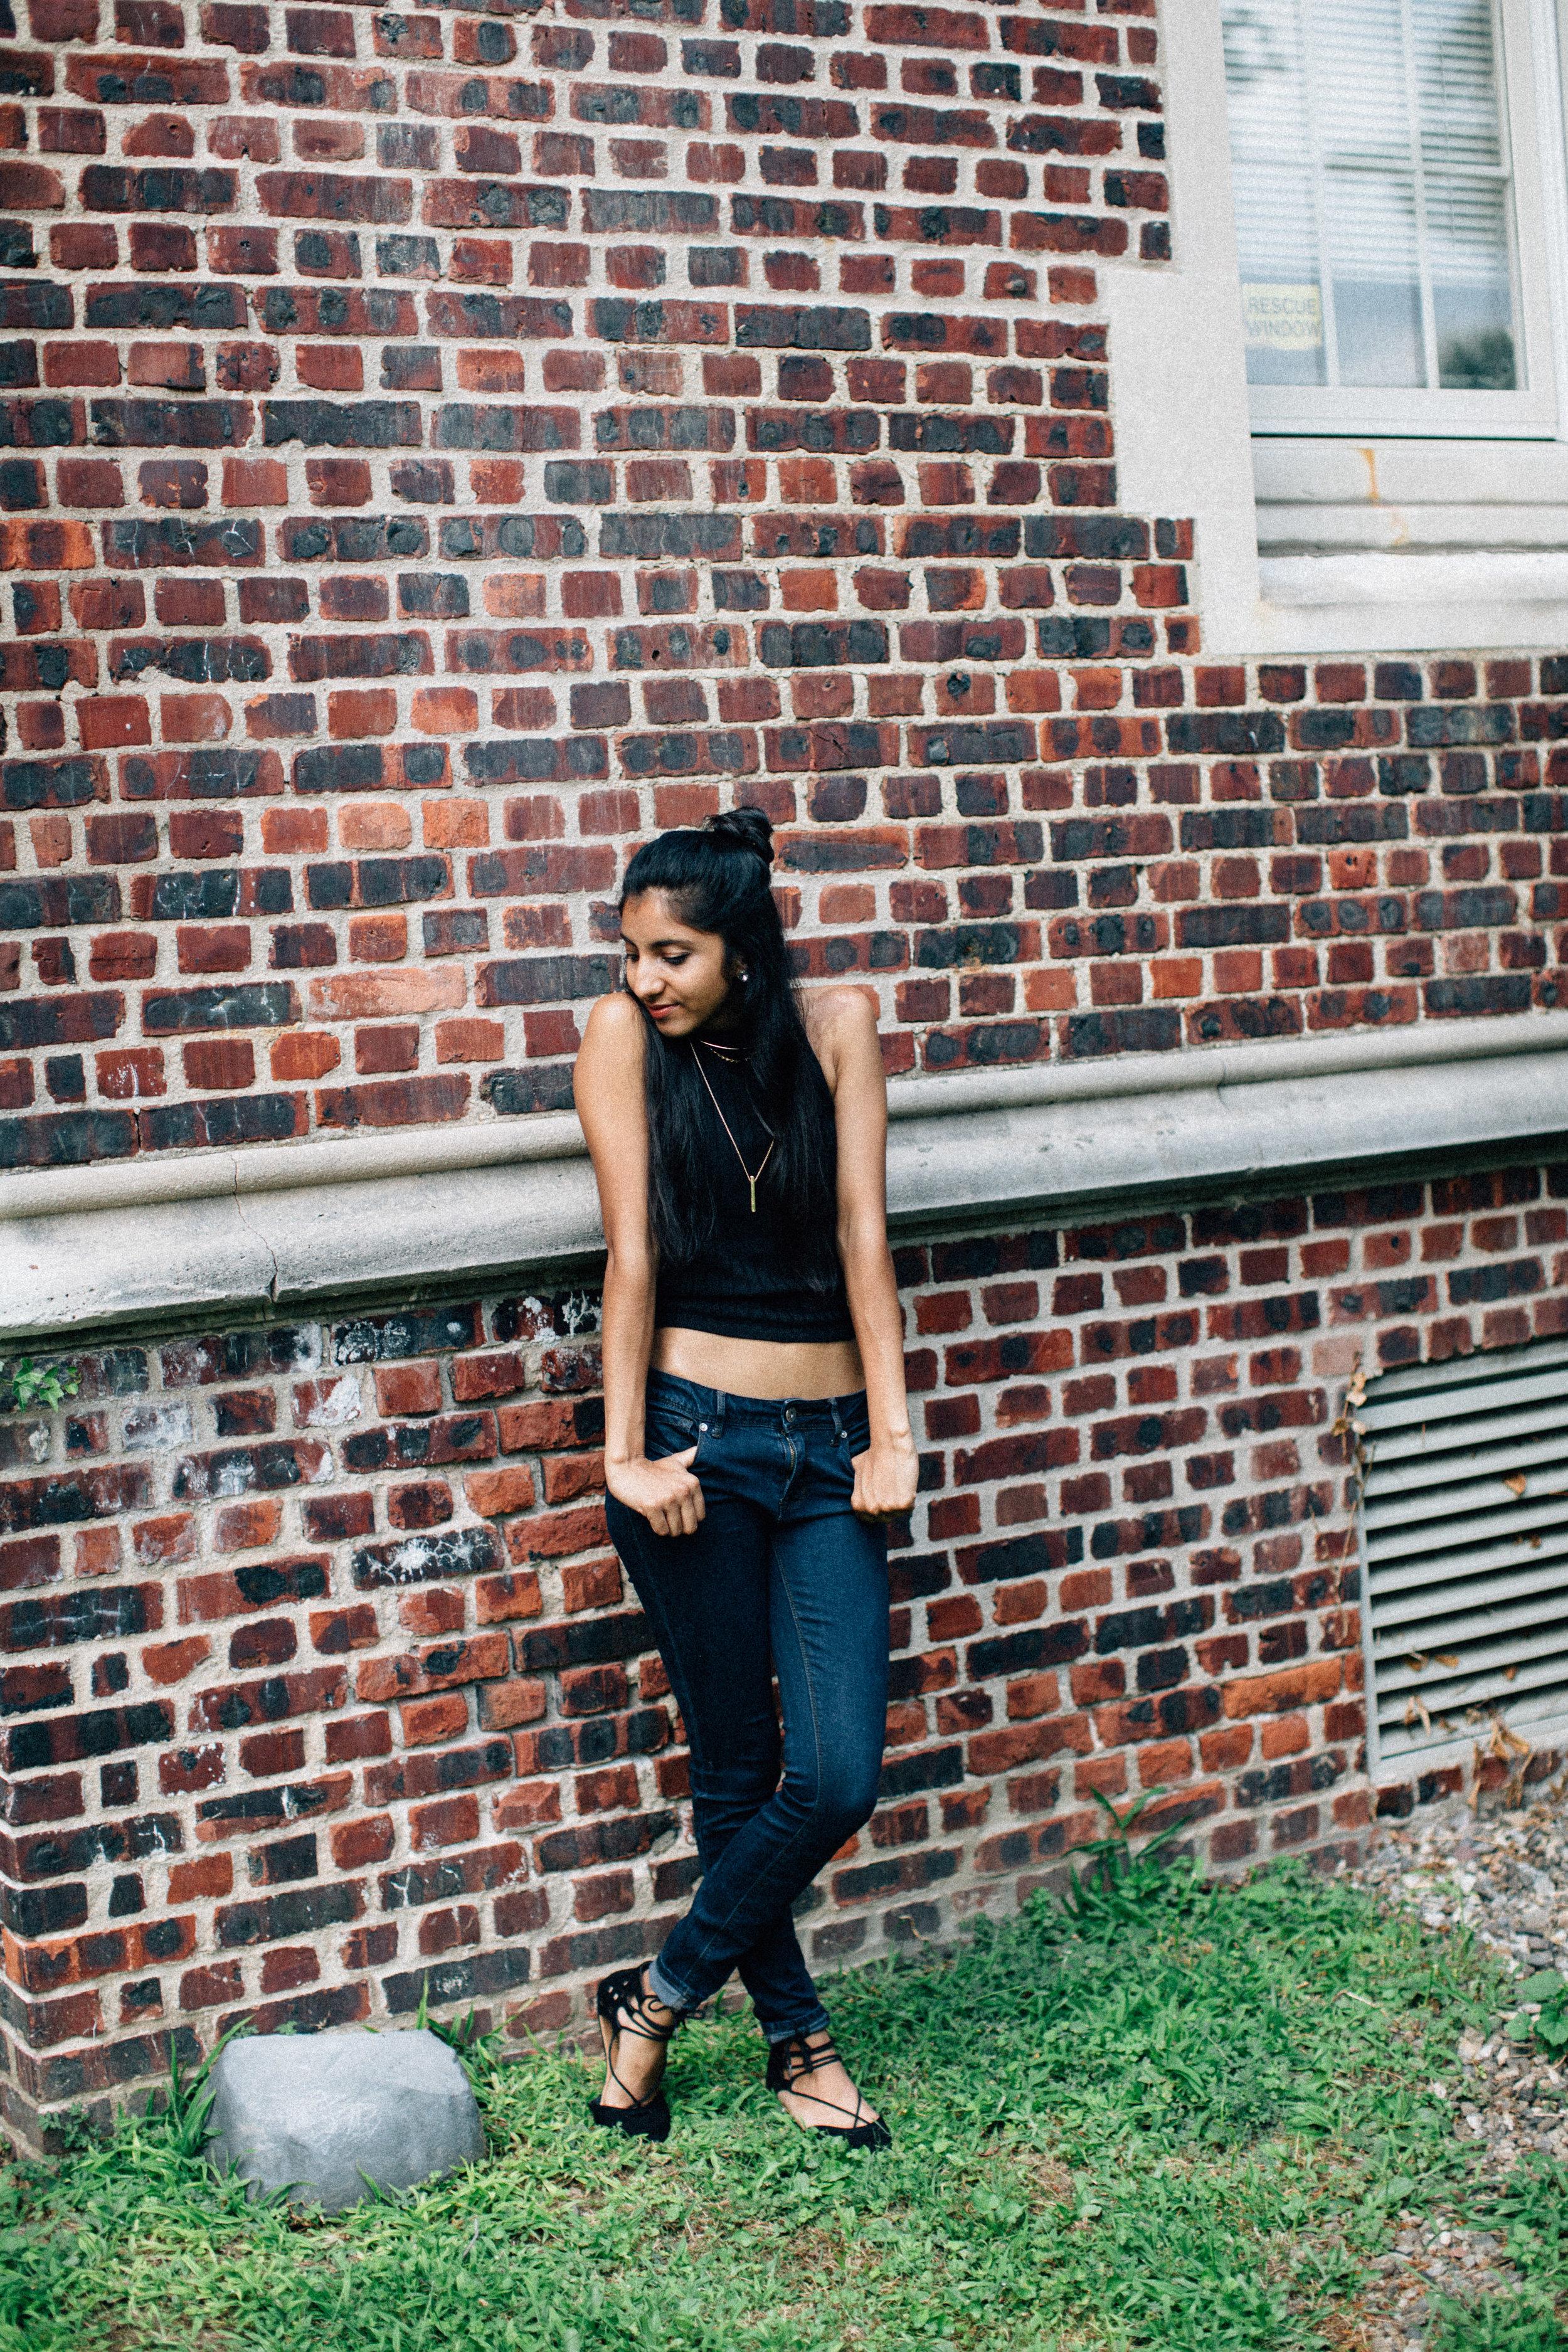 Zai_Ahmed_90s_grunge_ashion_blogger-39.jpg